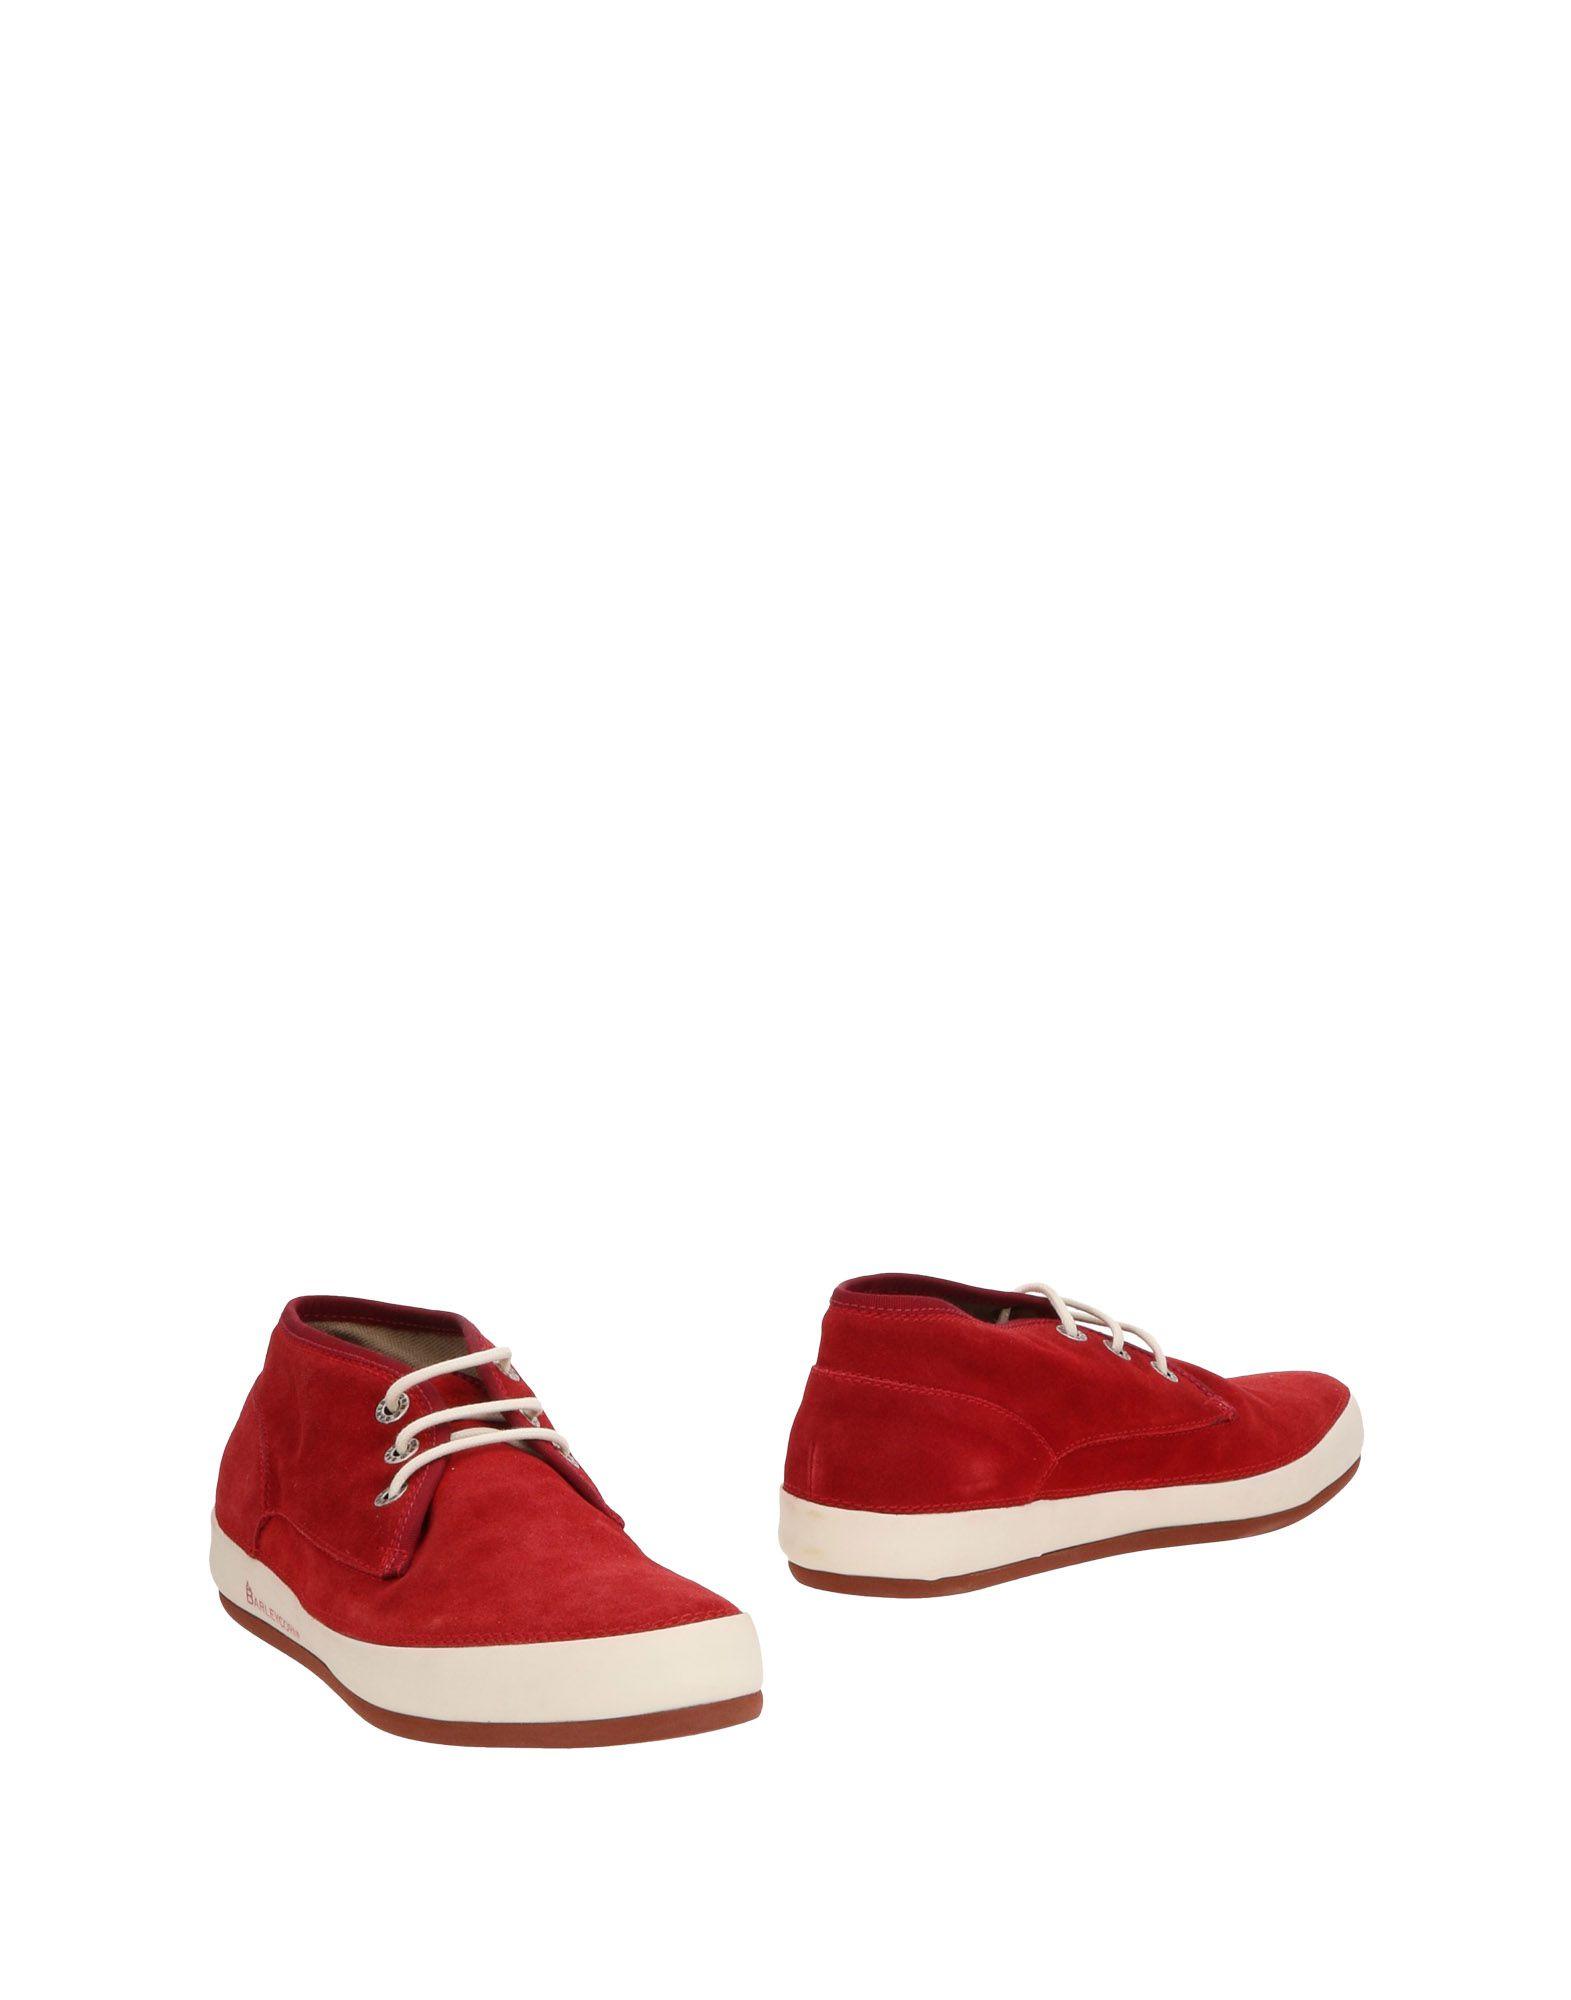 Rabatt Herren echte Schuhe Barleycorn Stiefelette Herren Rabatt  11473592XO cfd92c